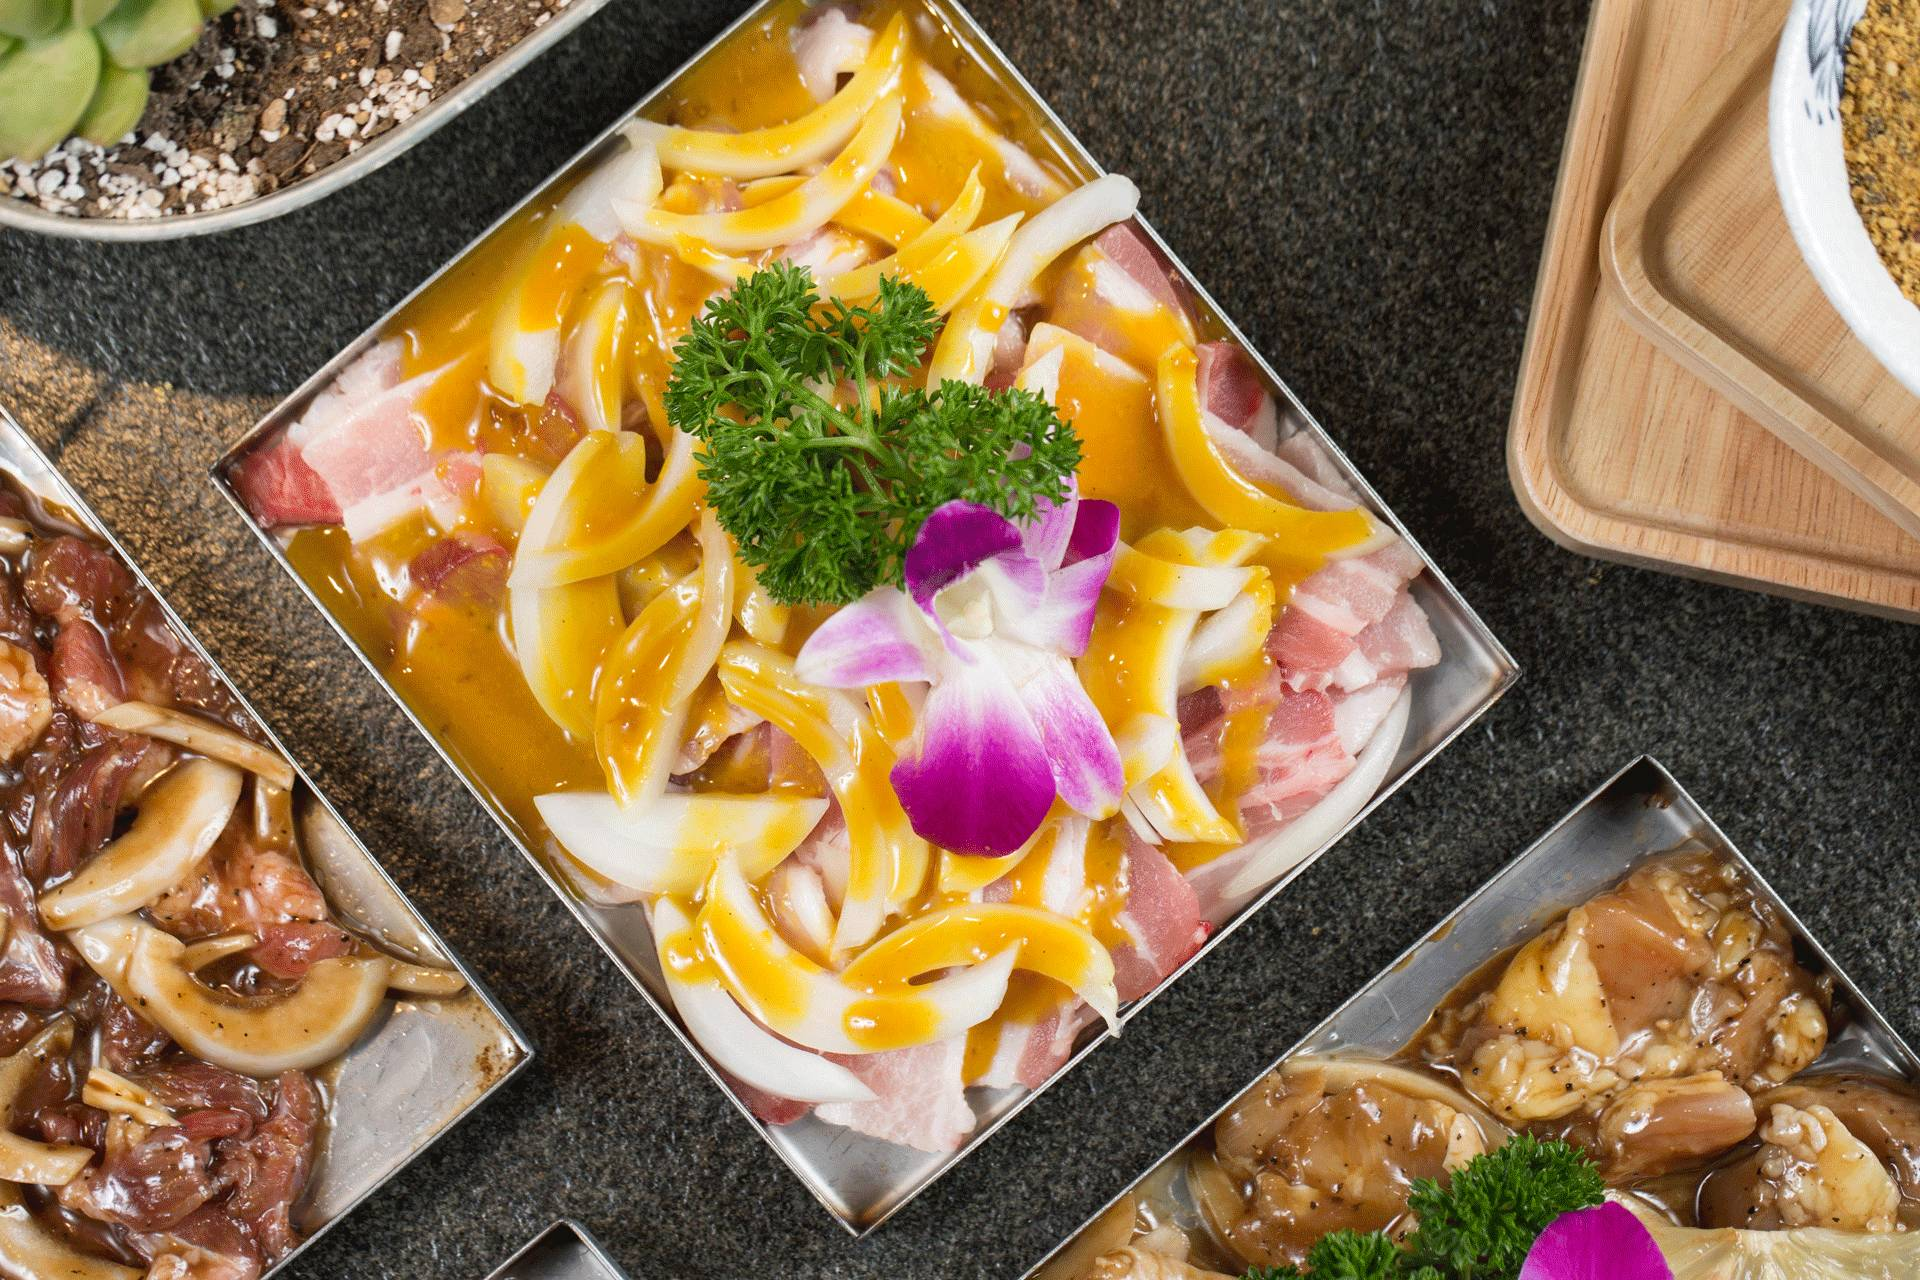 美食 正文  这绝对又是具有东北特色的烤品,芥辣口味的五花在天津也不